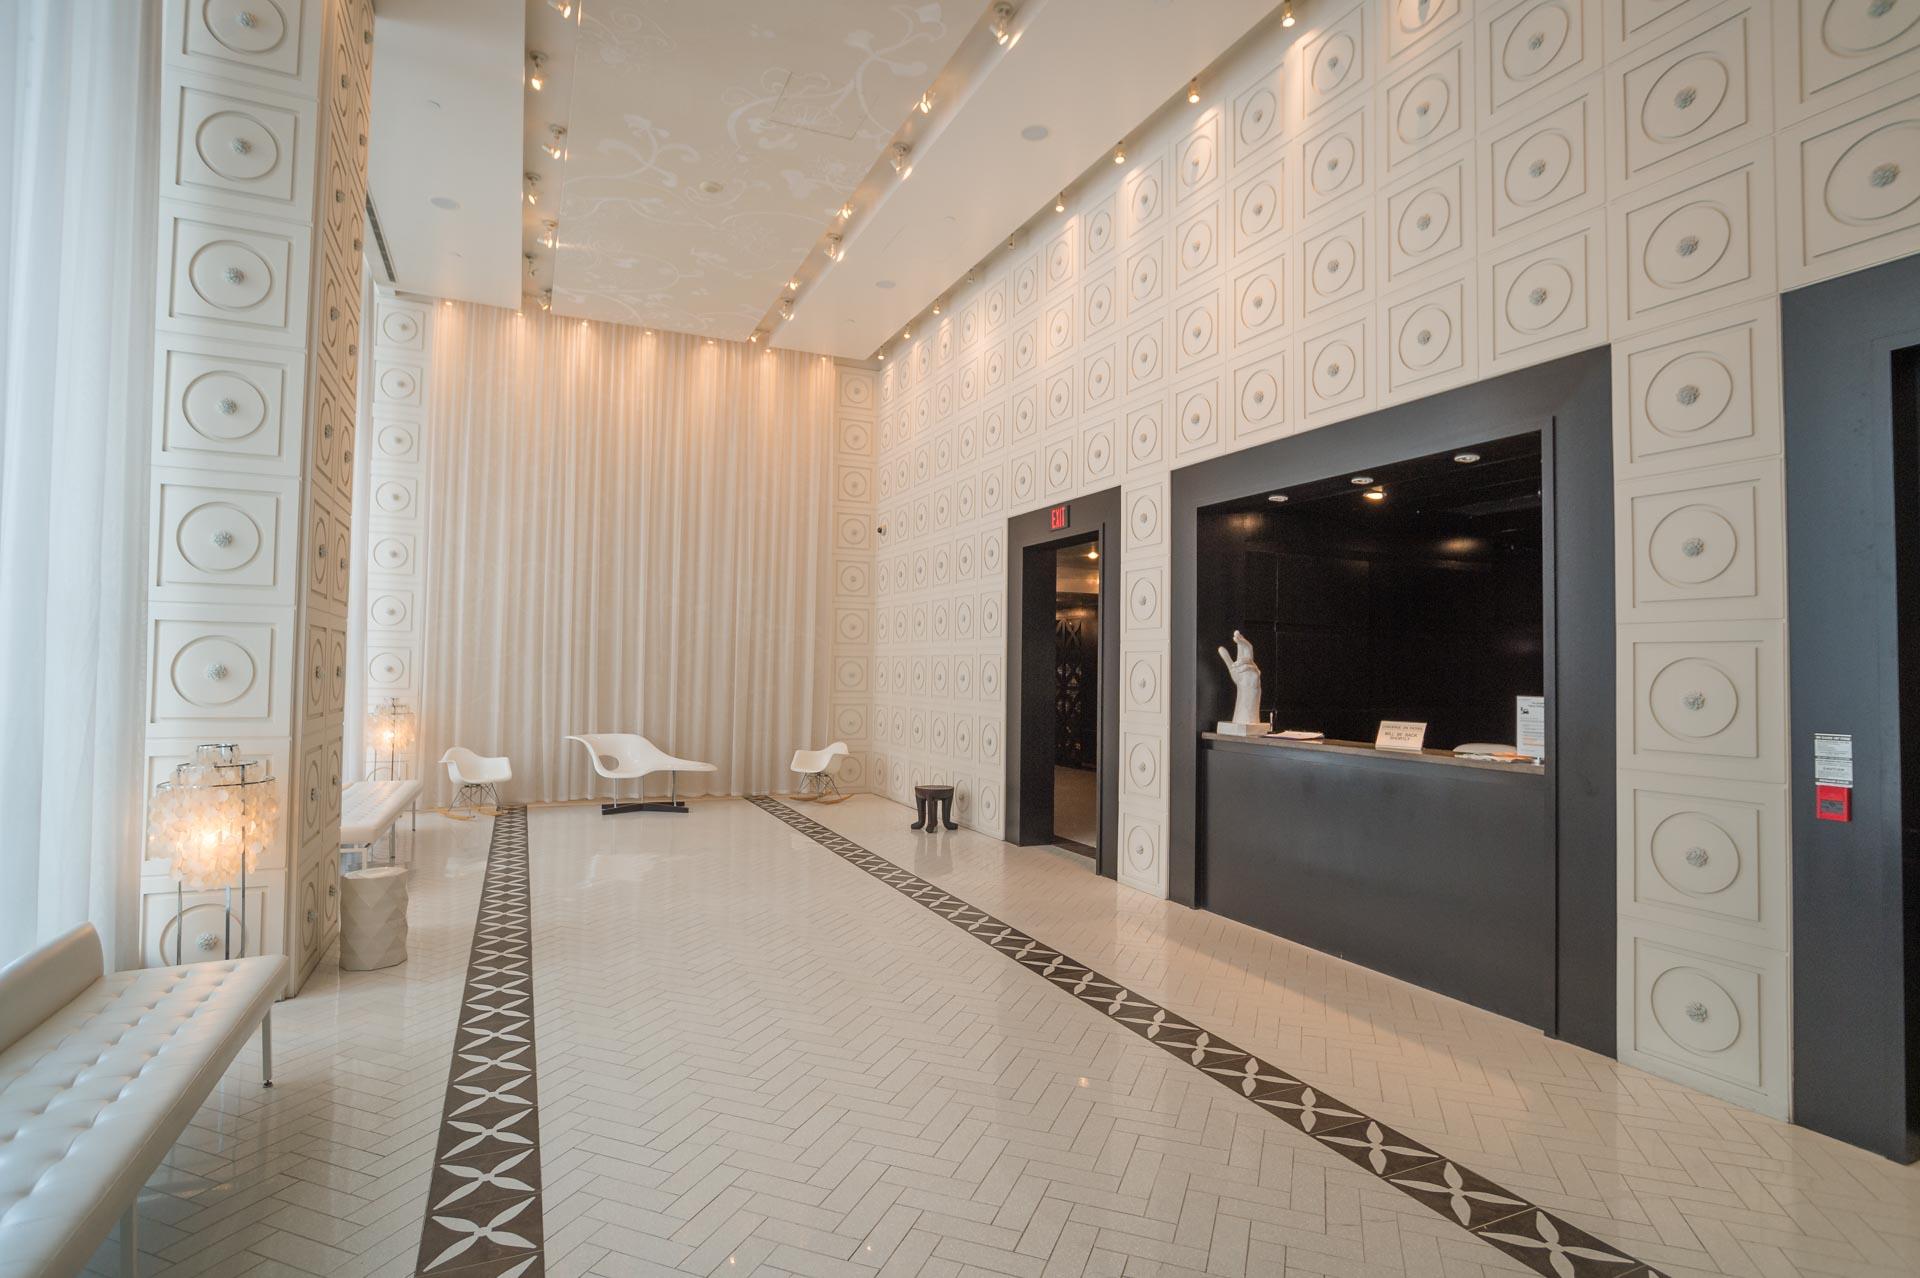 35_amenities2.jpg